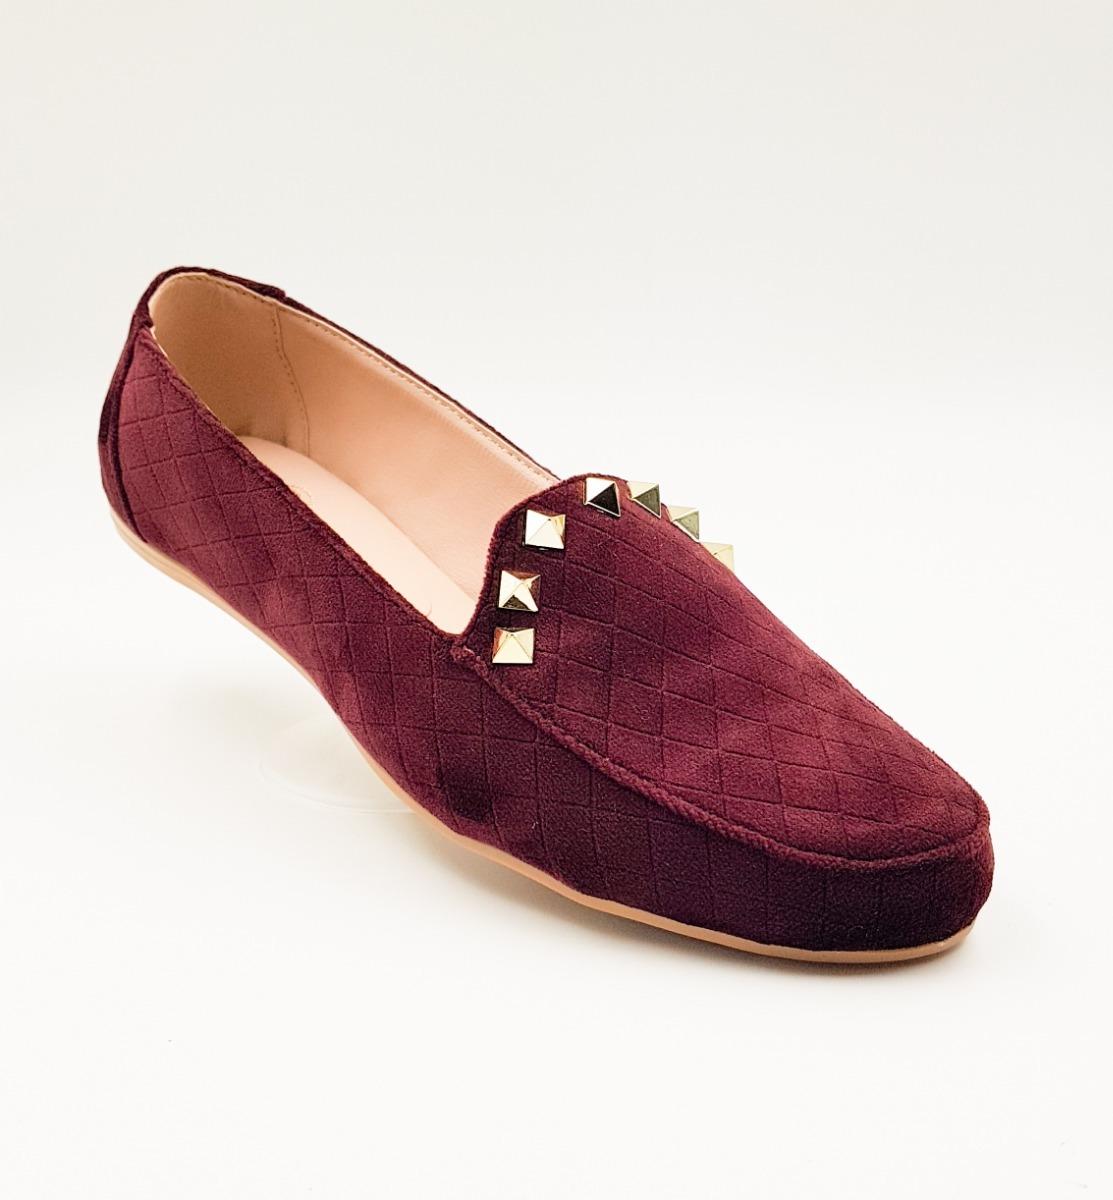 d2bbd64b6aa Zapato Mocasin Para Dama, Calzado 100 % Colombia - $ 70.000 en ...